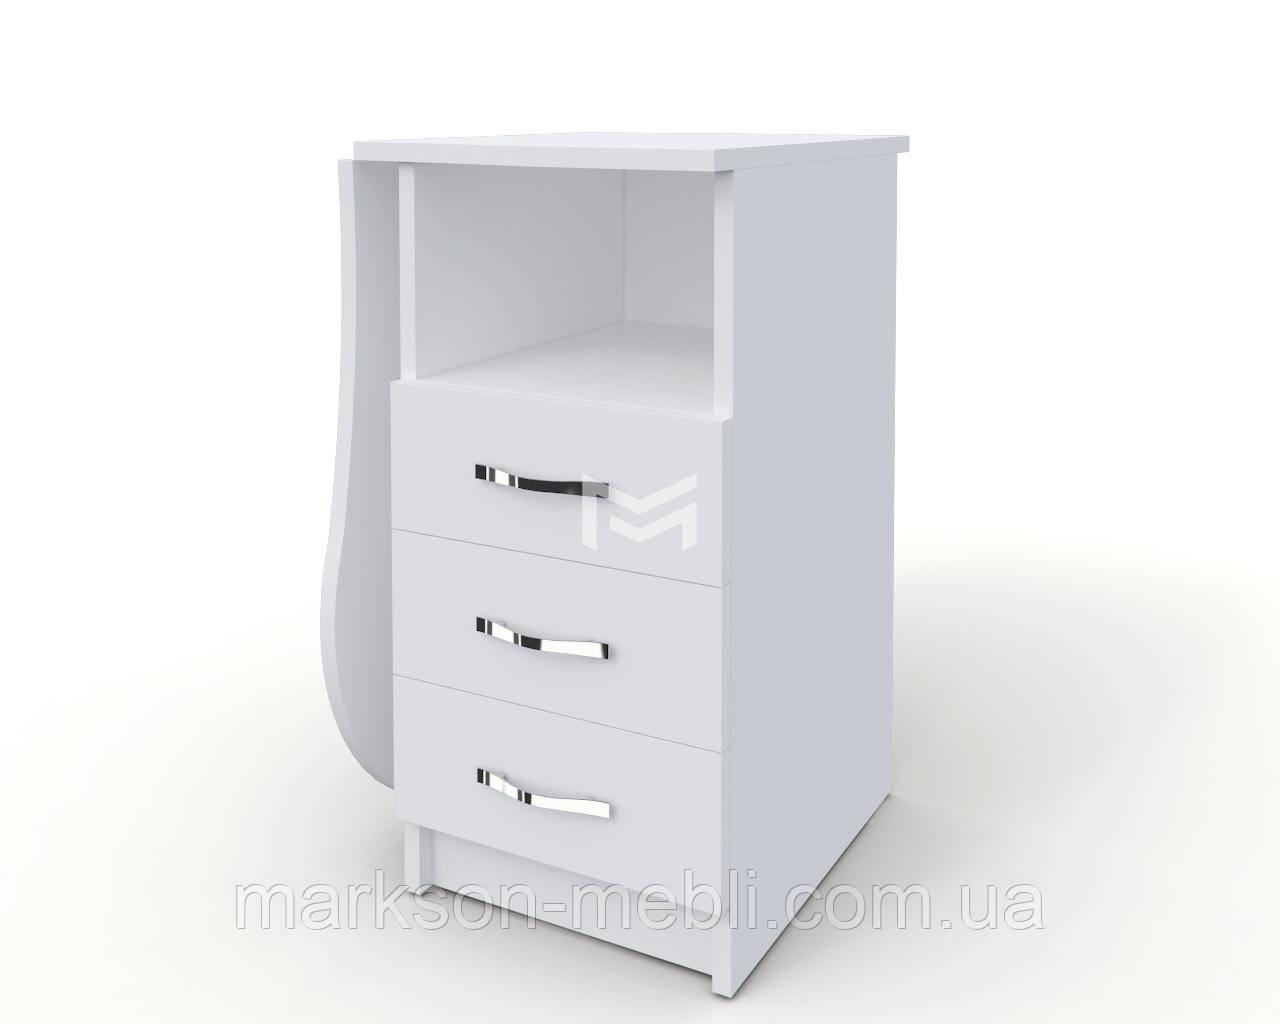 """Маникюрный стол M100K со складывающейся столешницей """"Эстет компакт """""""